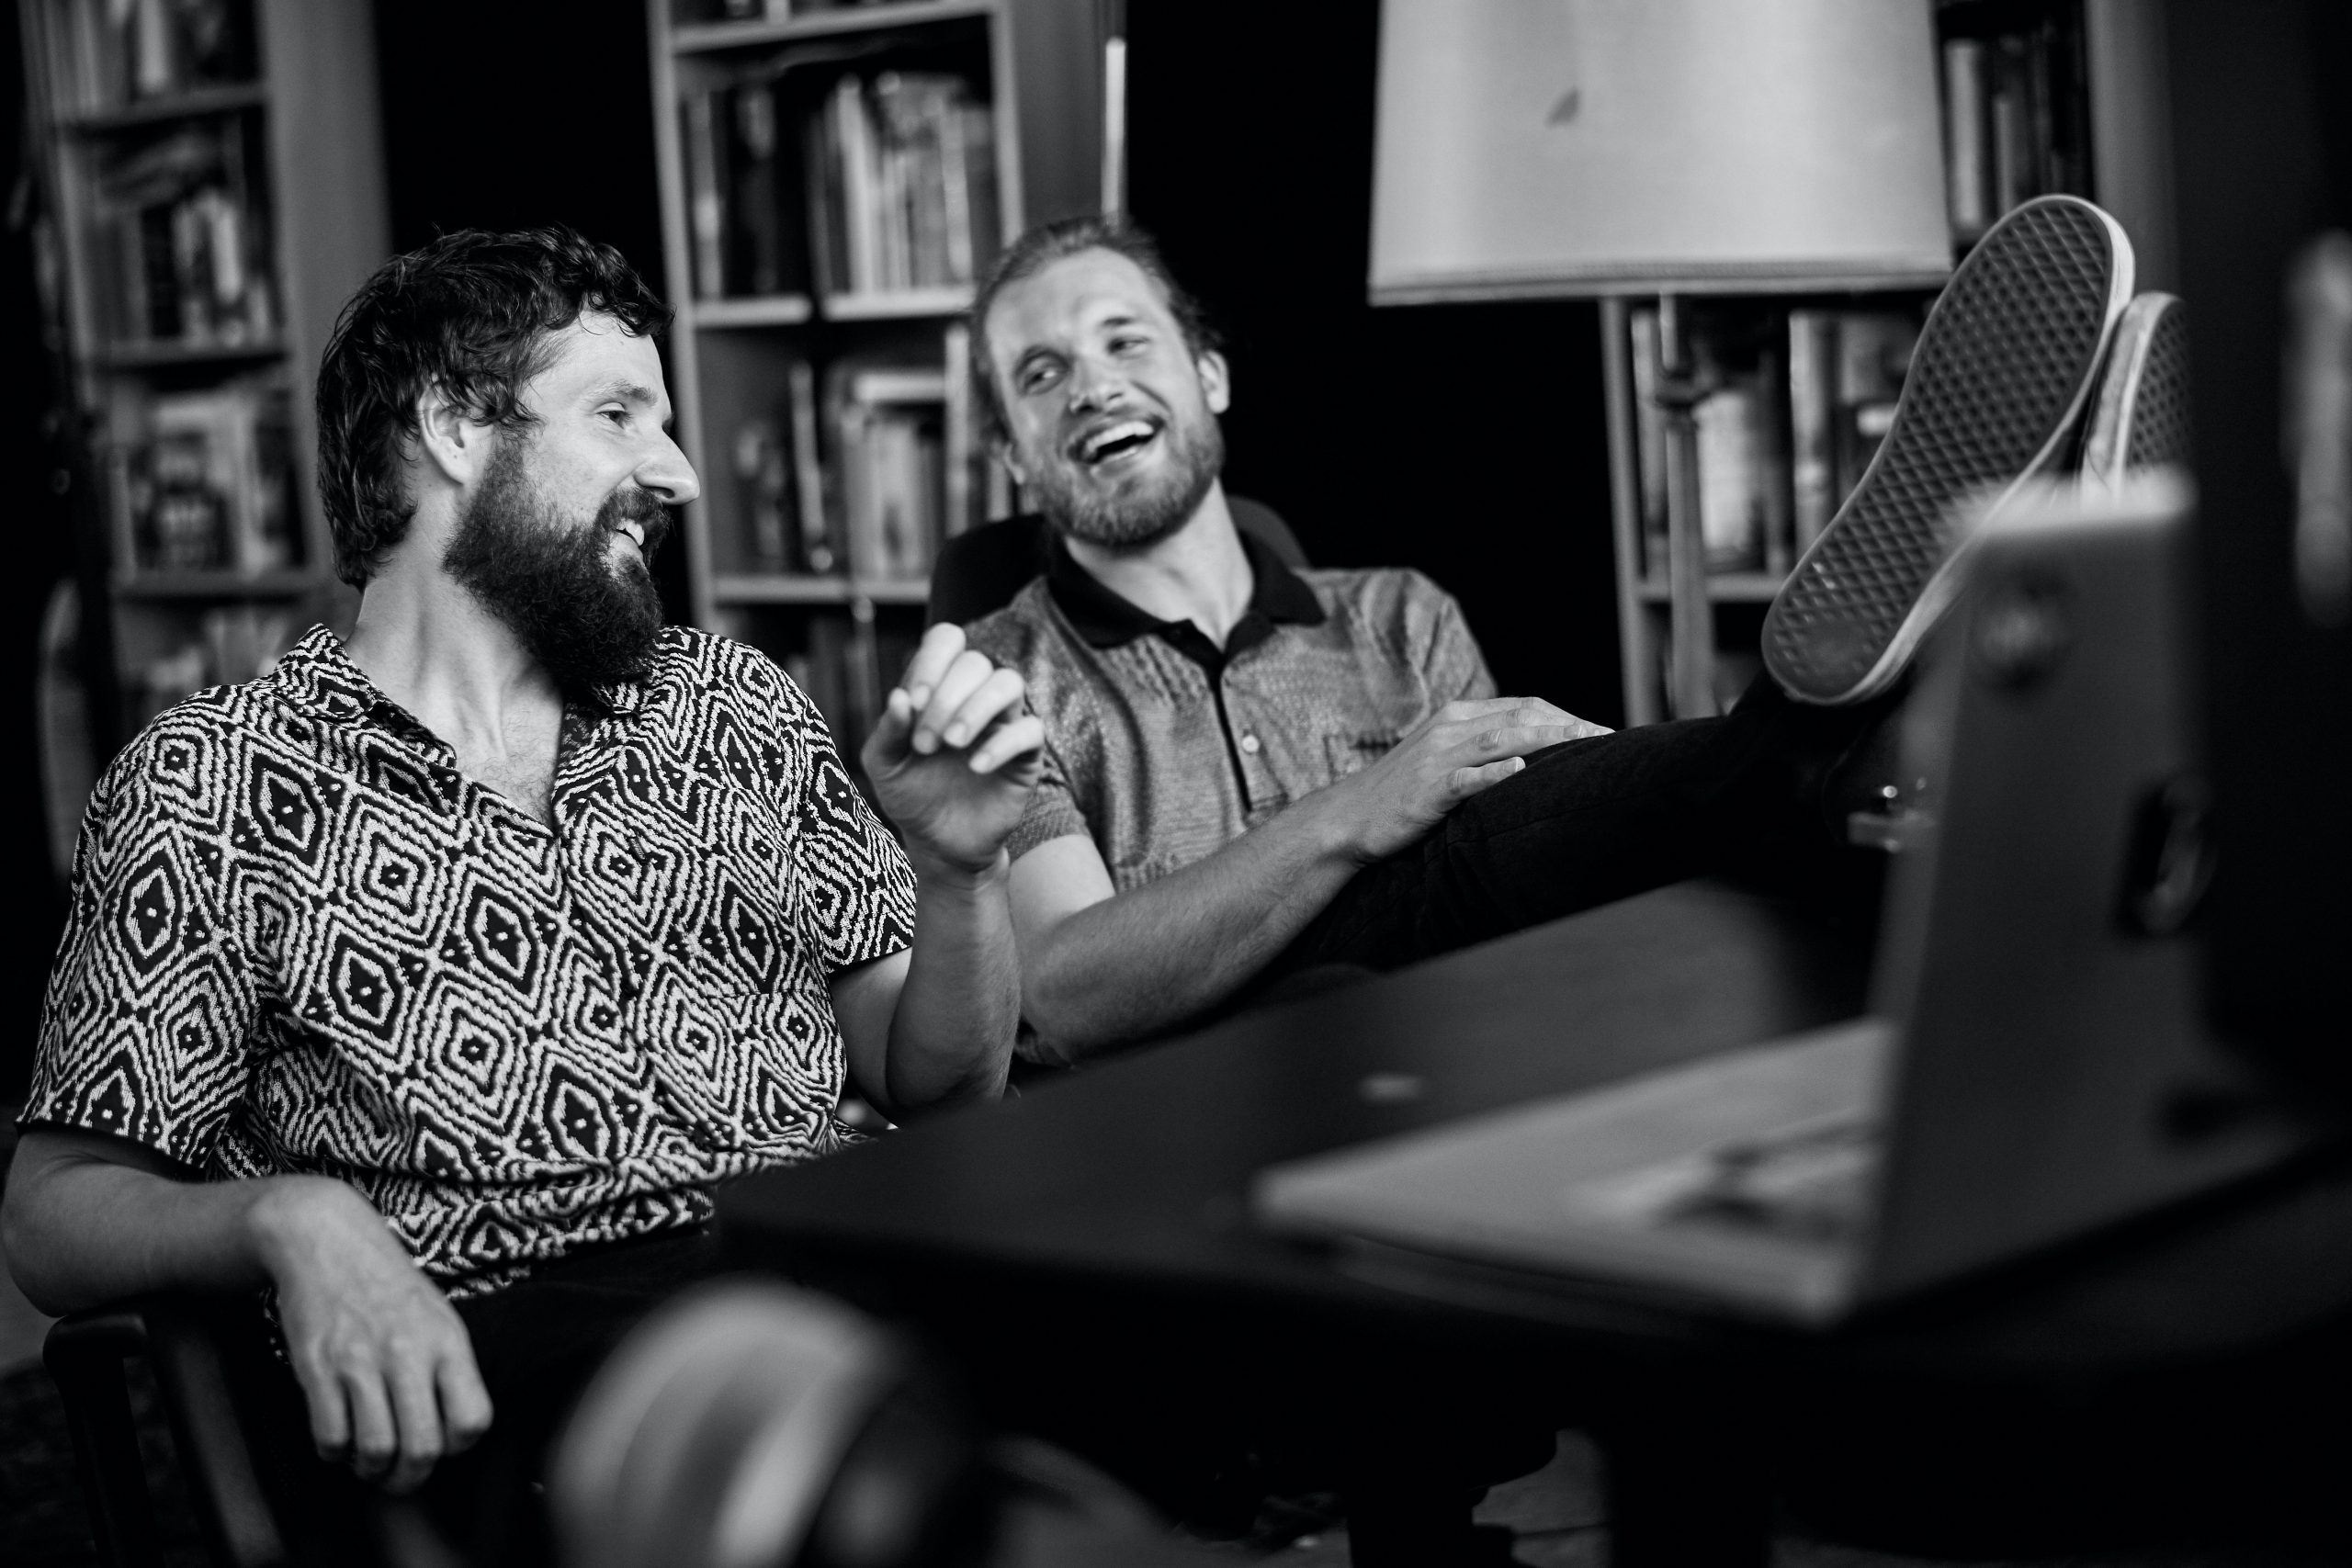 Musiker, Coaches, Netzwerker und Gründer: Die OSTAR-Macher Stefan Wandel (links) und Thomas Woschitz.